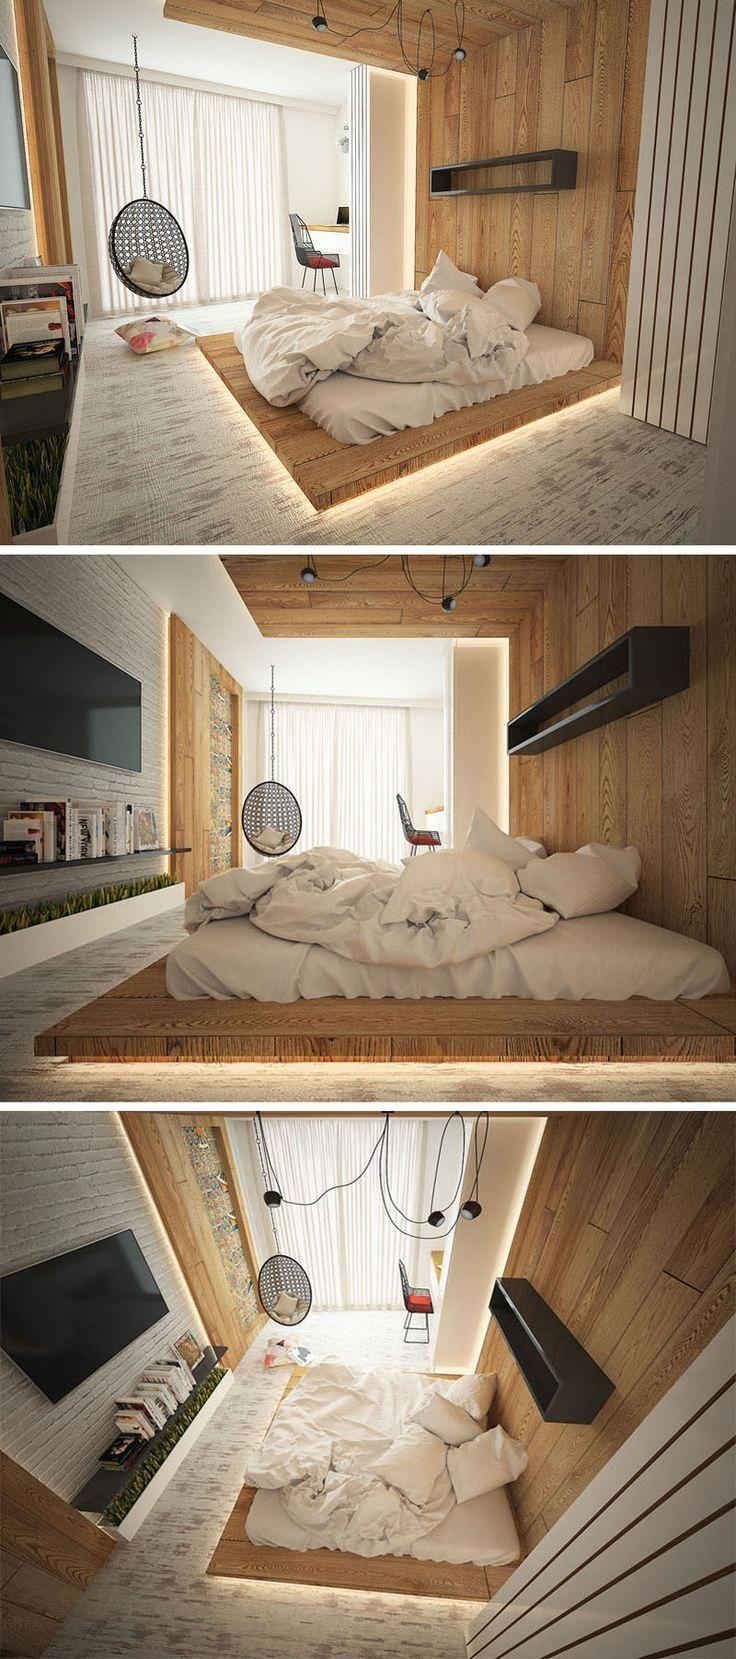 installing hidden lighting in your modern bedroom is a